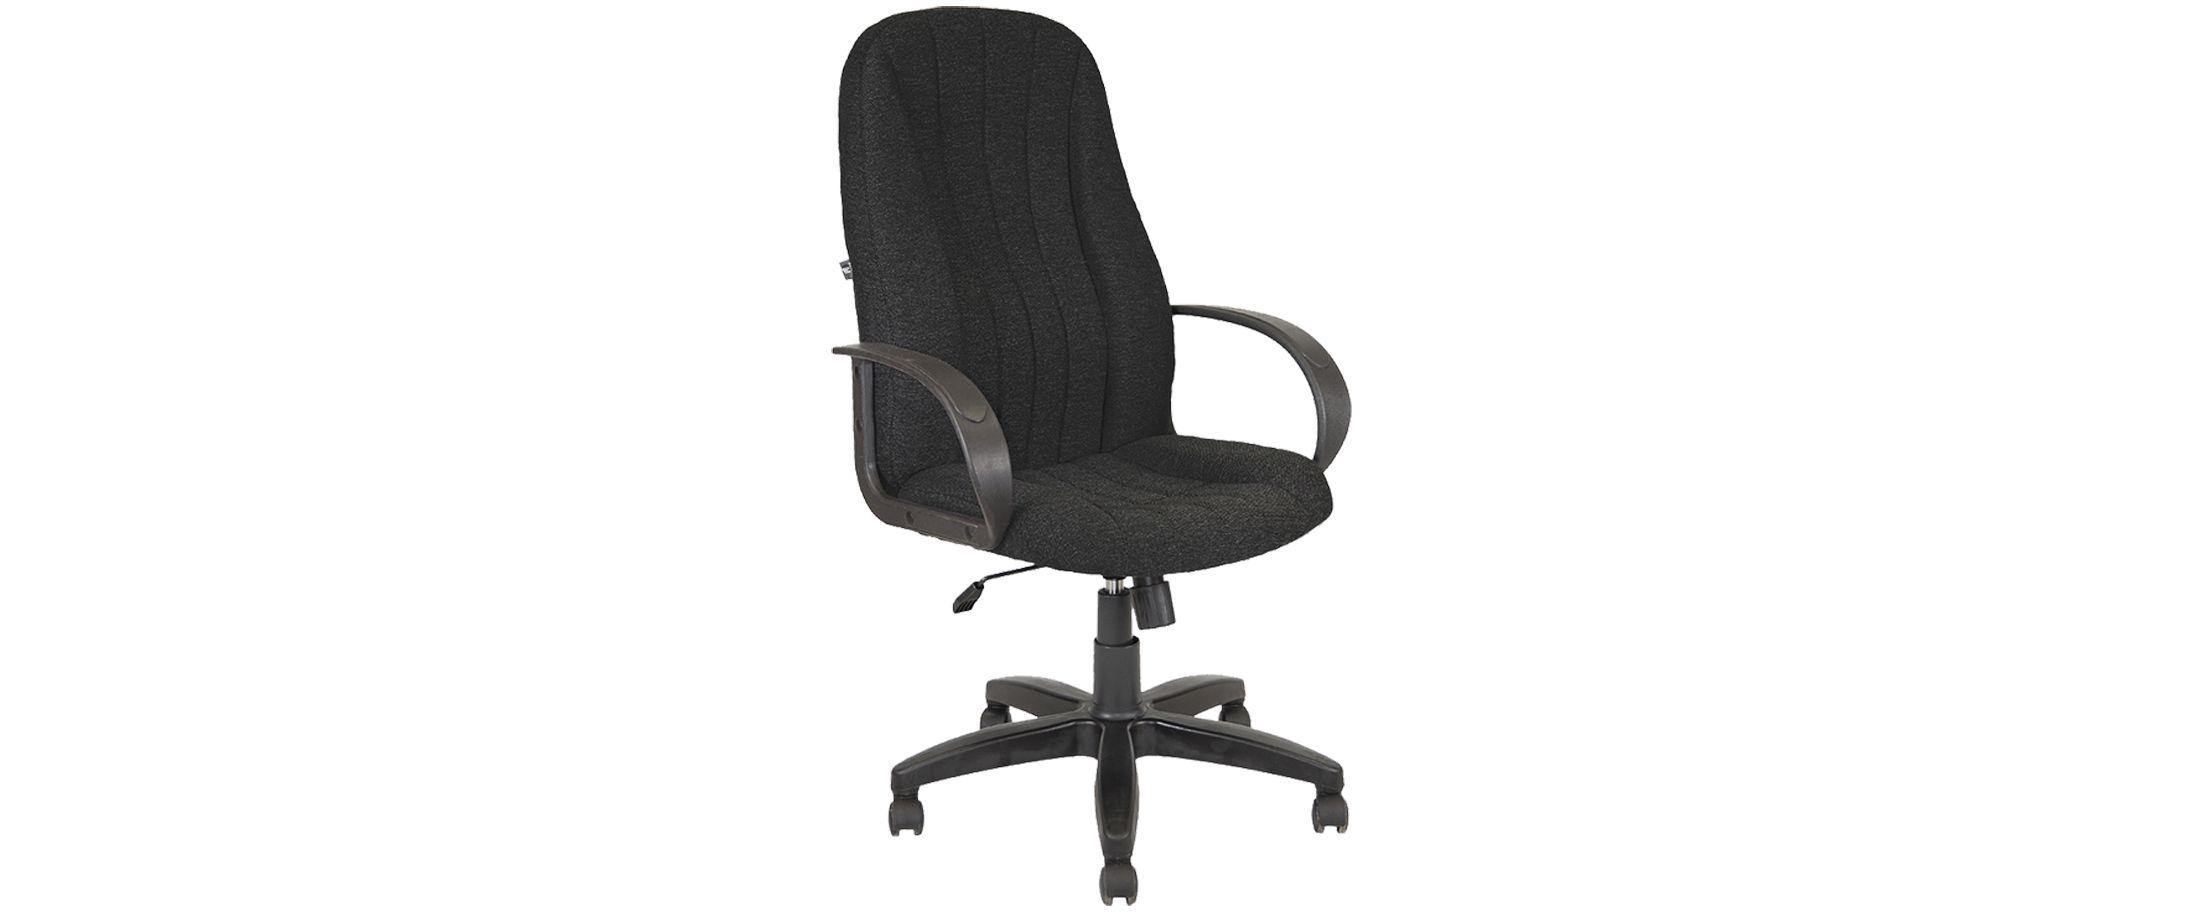 Кресло офисное AV 107 черное Модель 999Кресло офисное AV 107 черное Модель 999. Артикул Д000677<br>